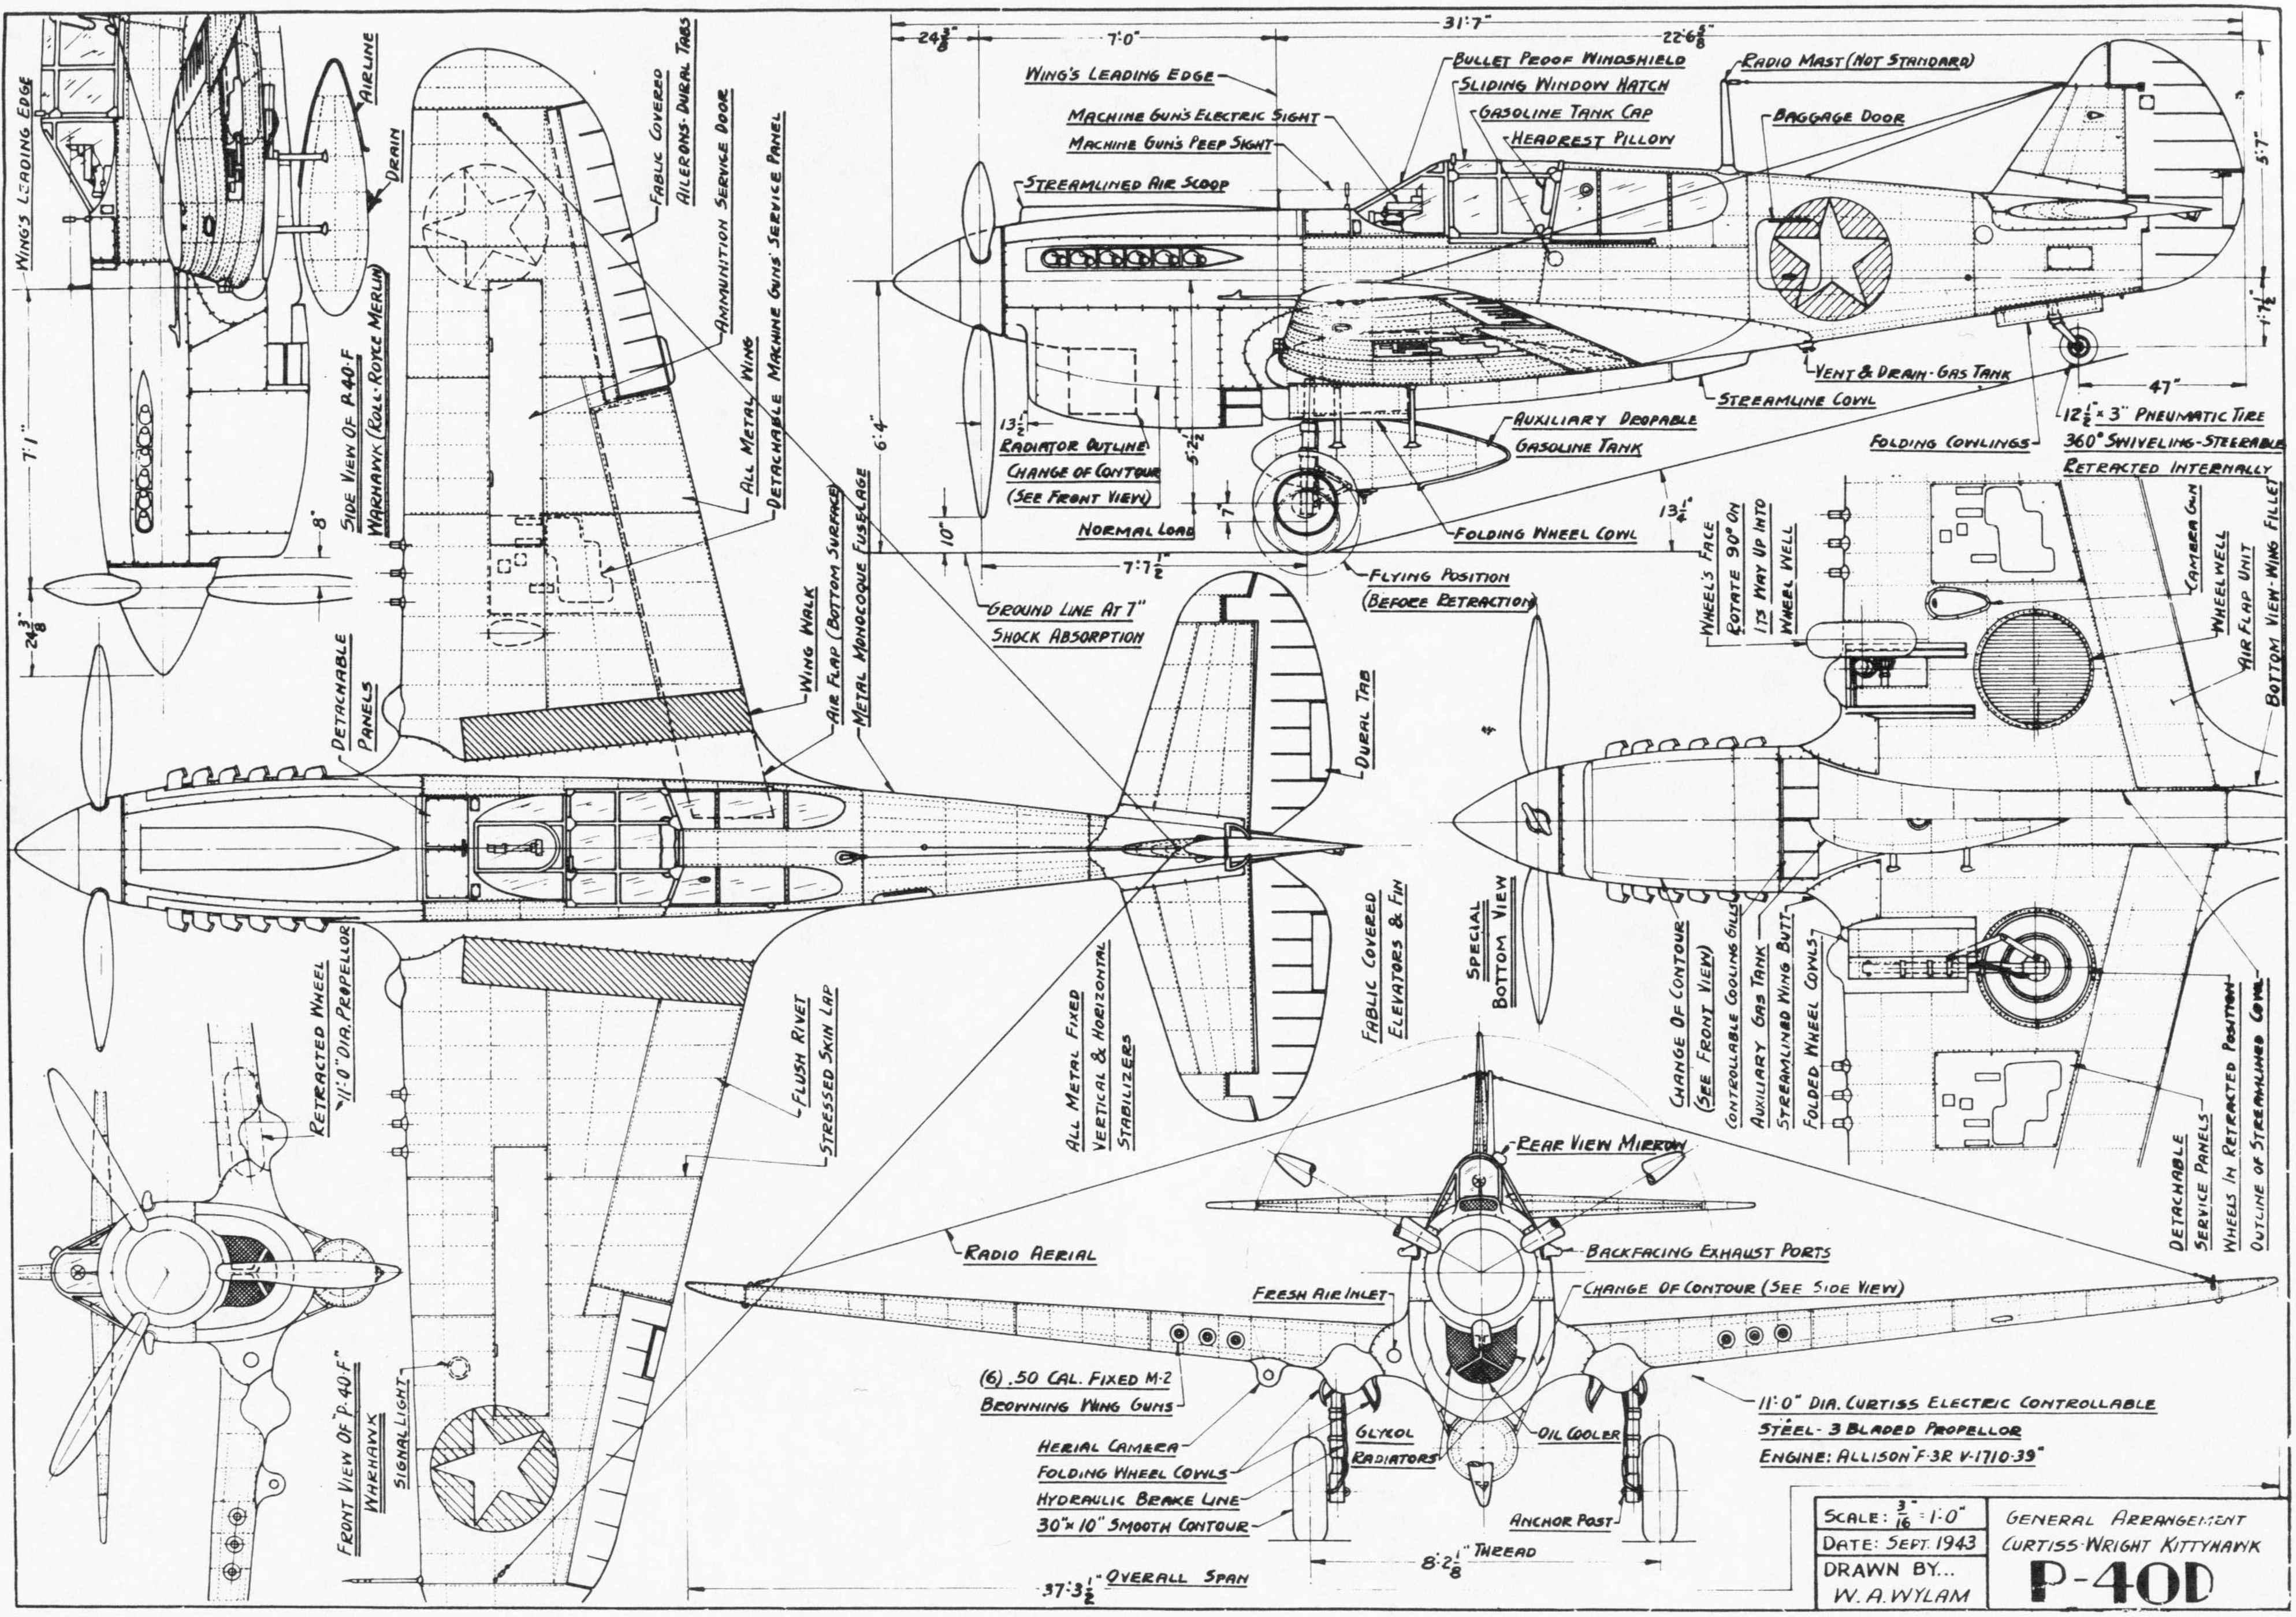 Aircraft Engineering Drawing